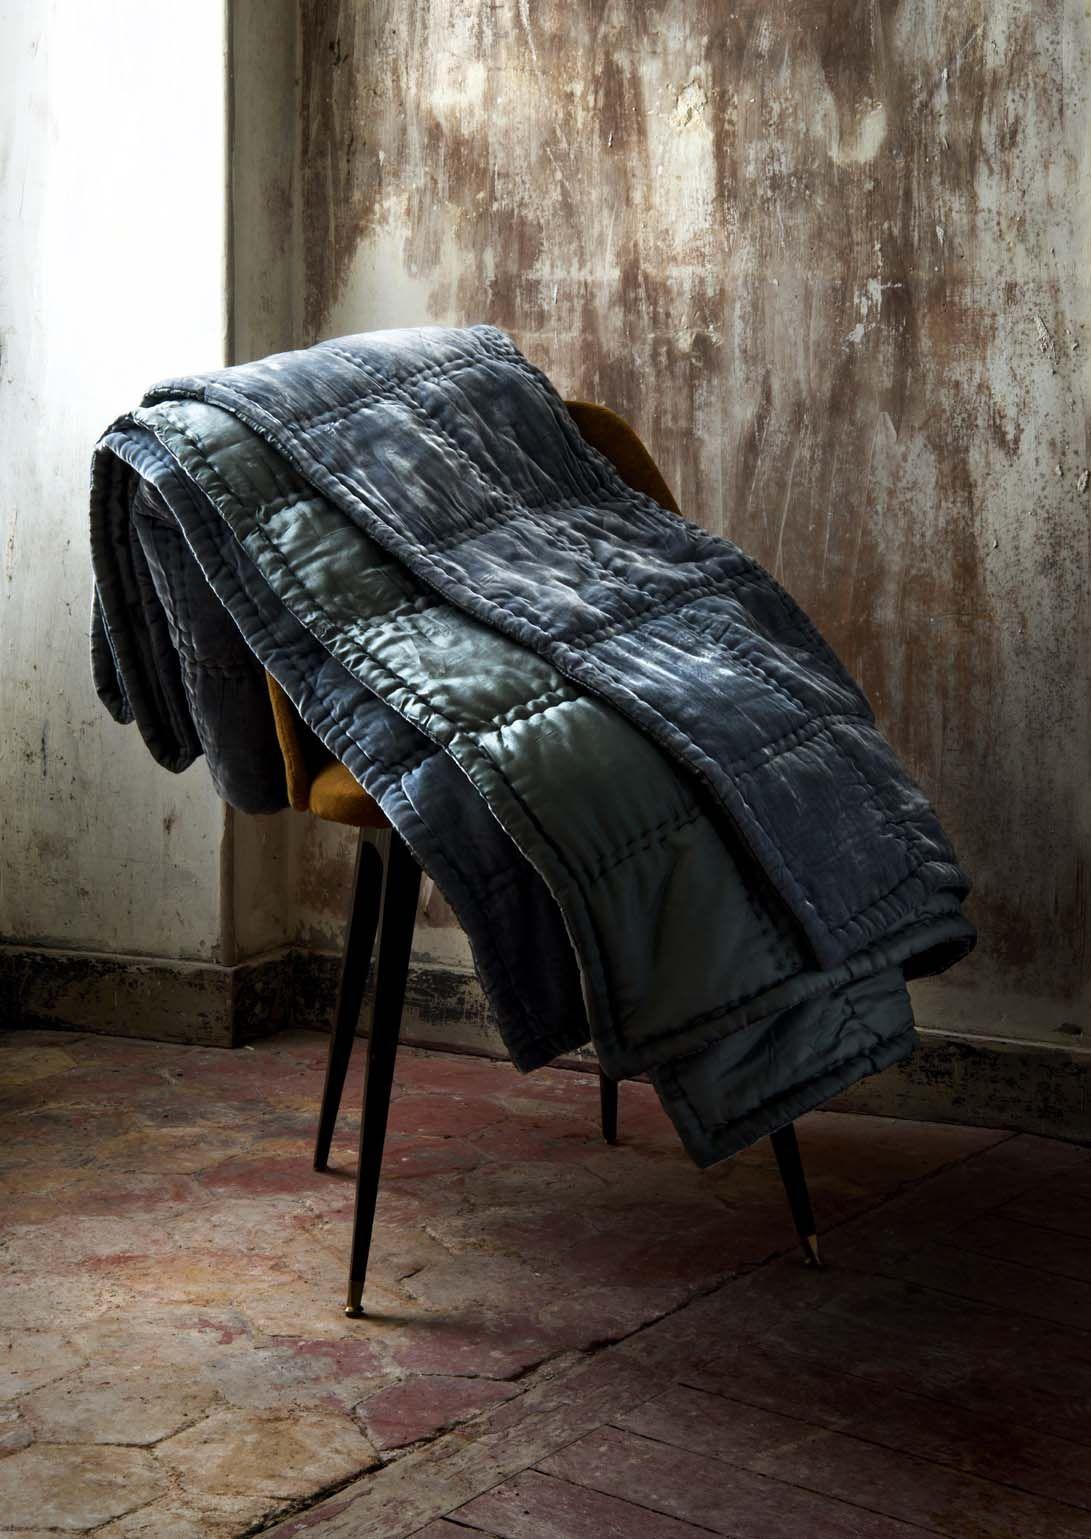 quilt en soie le monde sauvage linge de lit plaids pinterest monde sauvage sauvages et soie. Black Bedroom Furniture Sets. Home Design Ideas